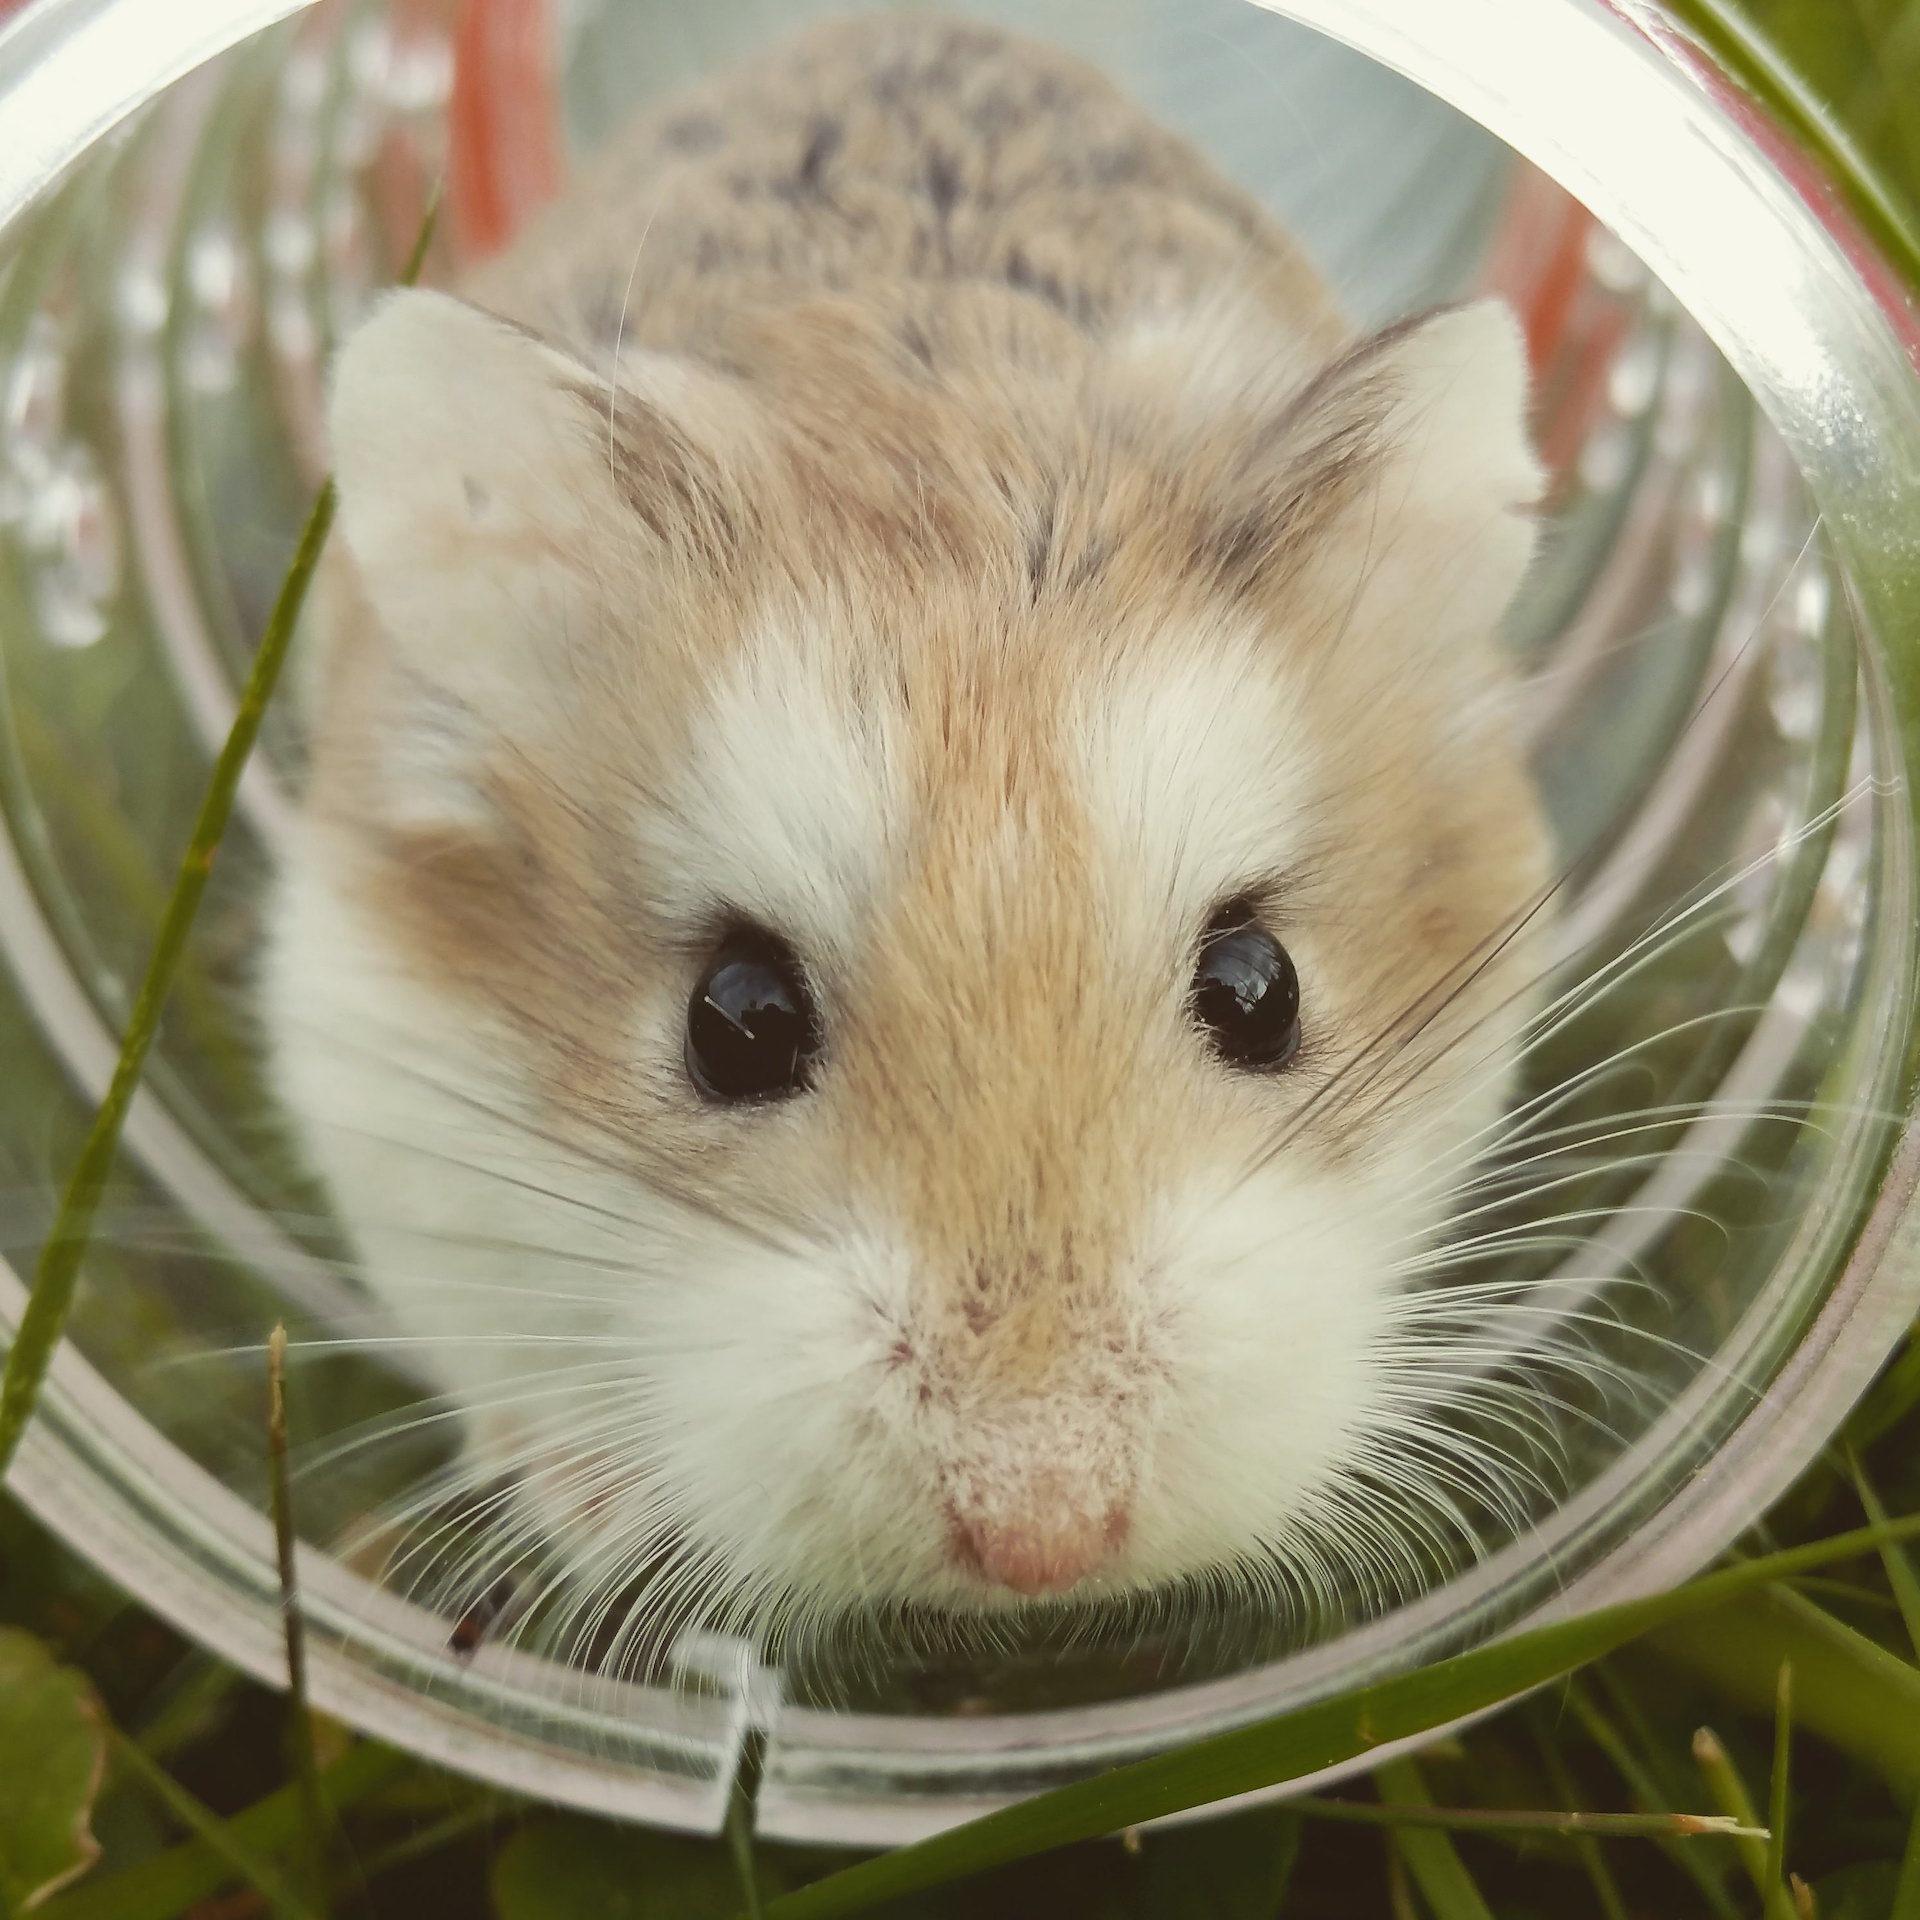 ποντίκι, πεδίο, σωλήνα, Κατοικίδιο ζώο, τρωκτικό - Wallpapers HD - Professor-falken.com